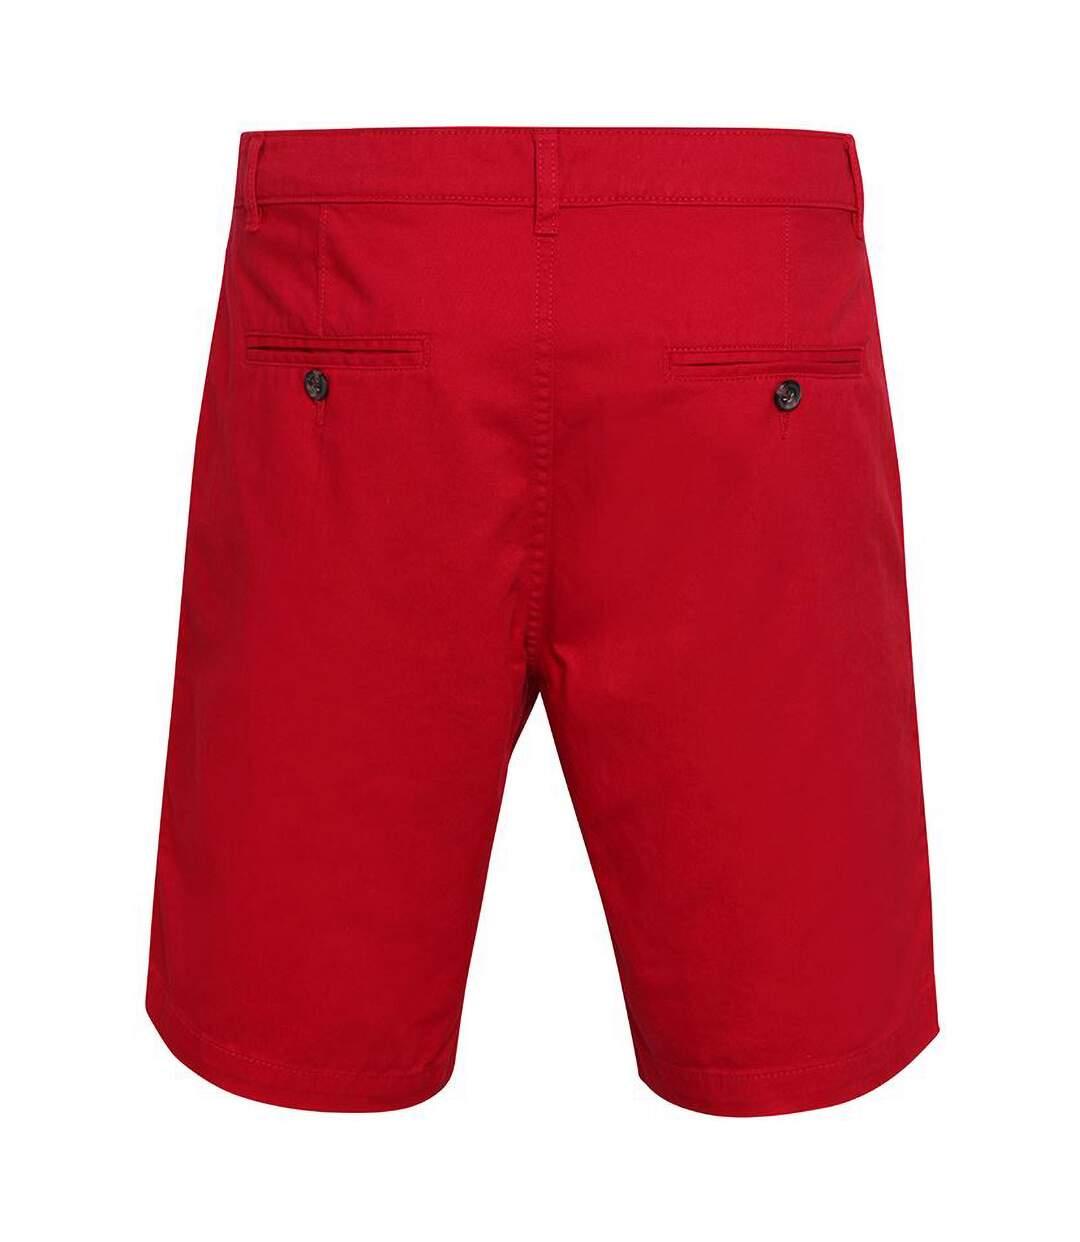 Asquith & Fox Mens Casual Chino Shorts (Cherry Red) - UTRW4908